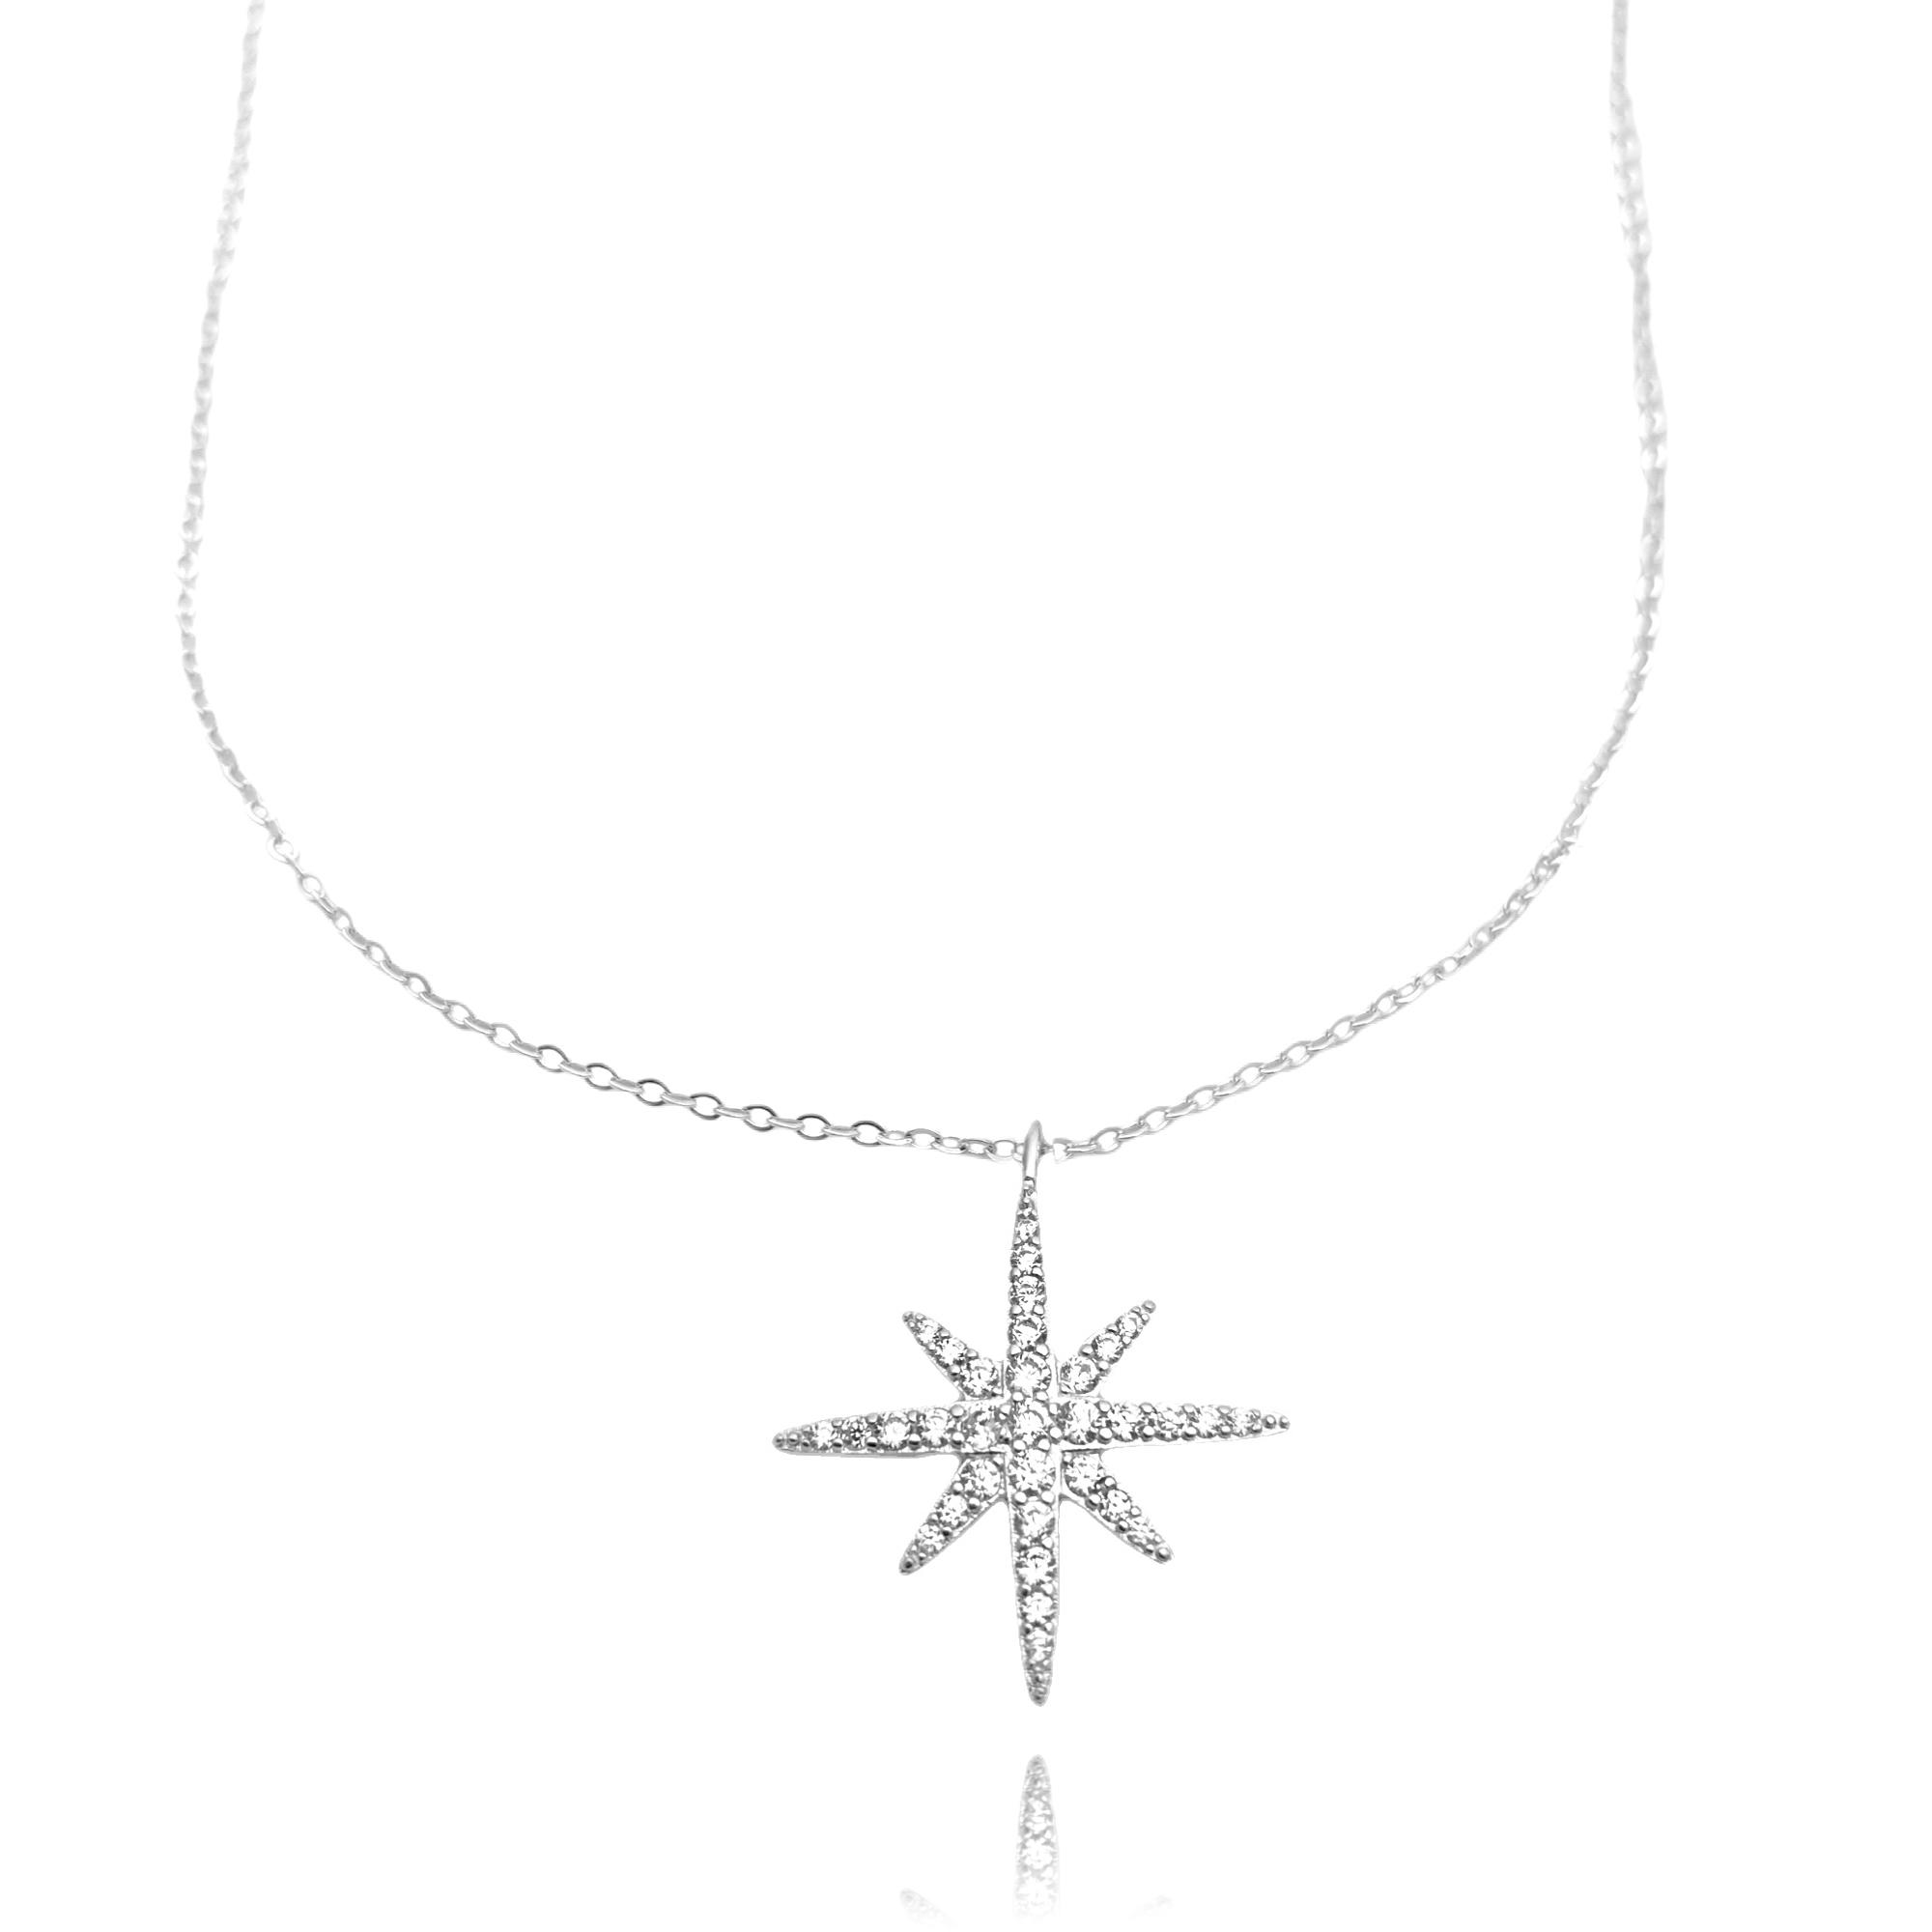 Conjunto Estrela Cravejada 8 pontas + Carrier 42cm (Prata 925 Italiana)